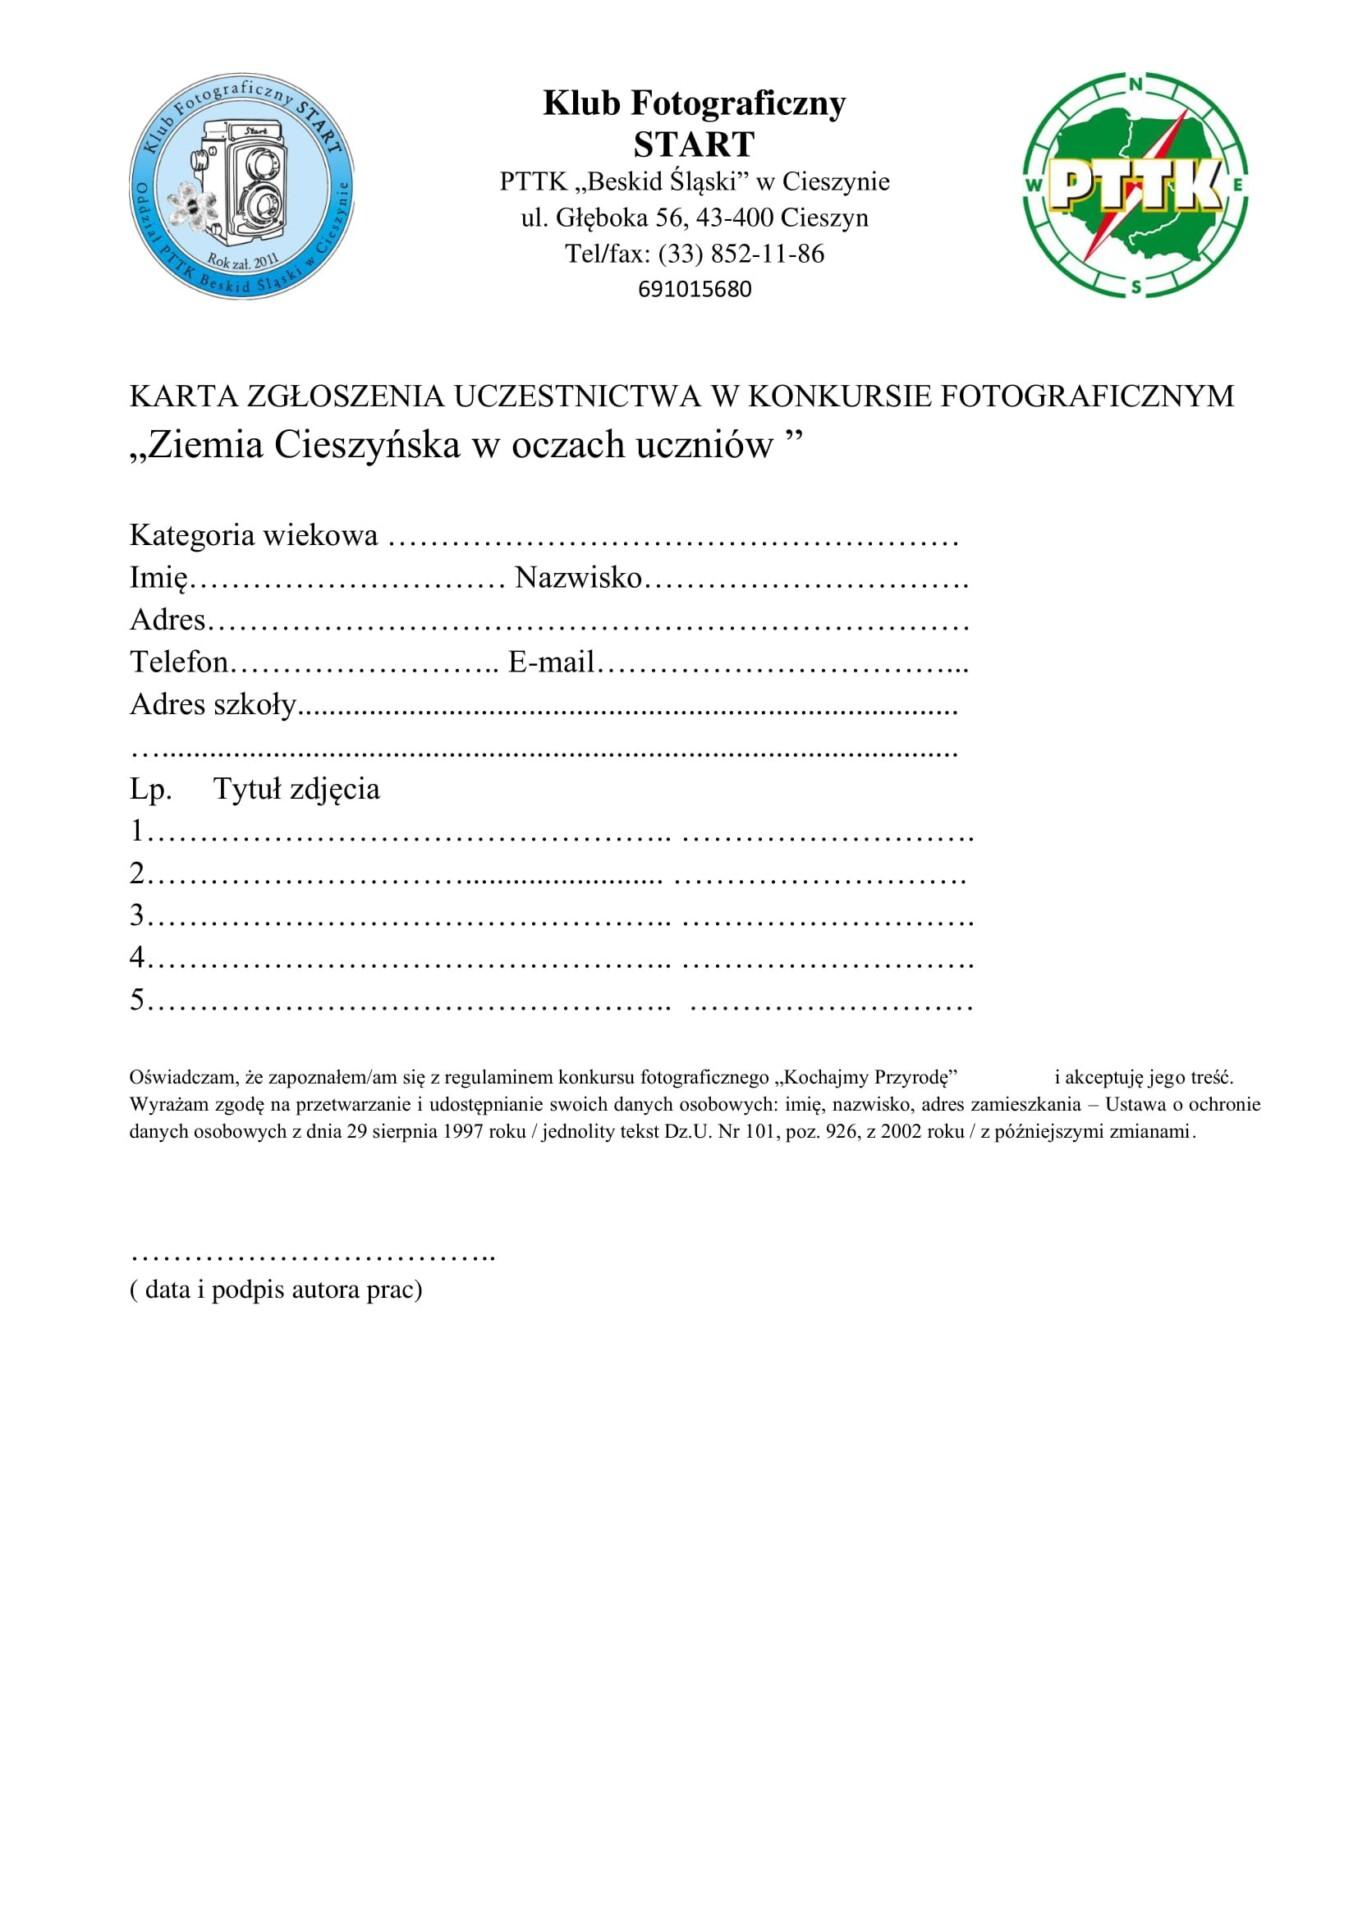 Załącznik nr. 1 – Karta zgłoszenia Ziemia Cieszyńska w oczach uczniów-1